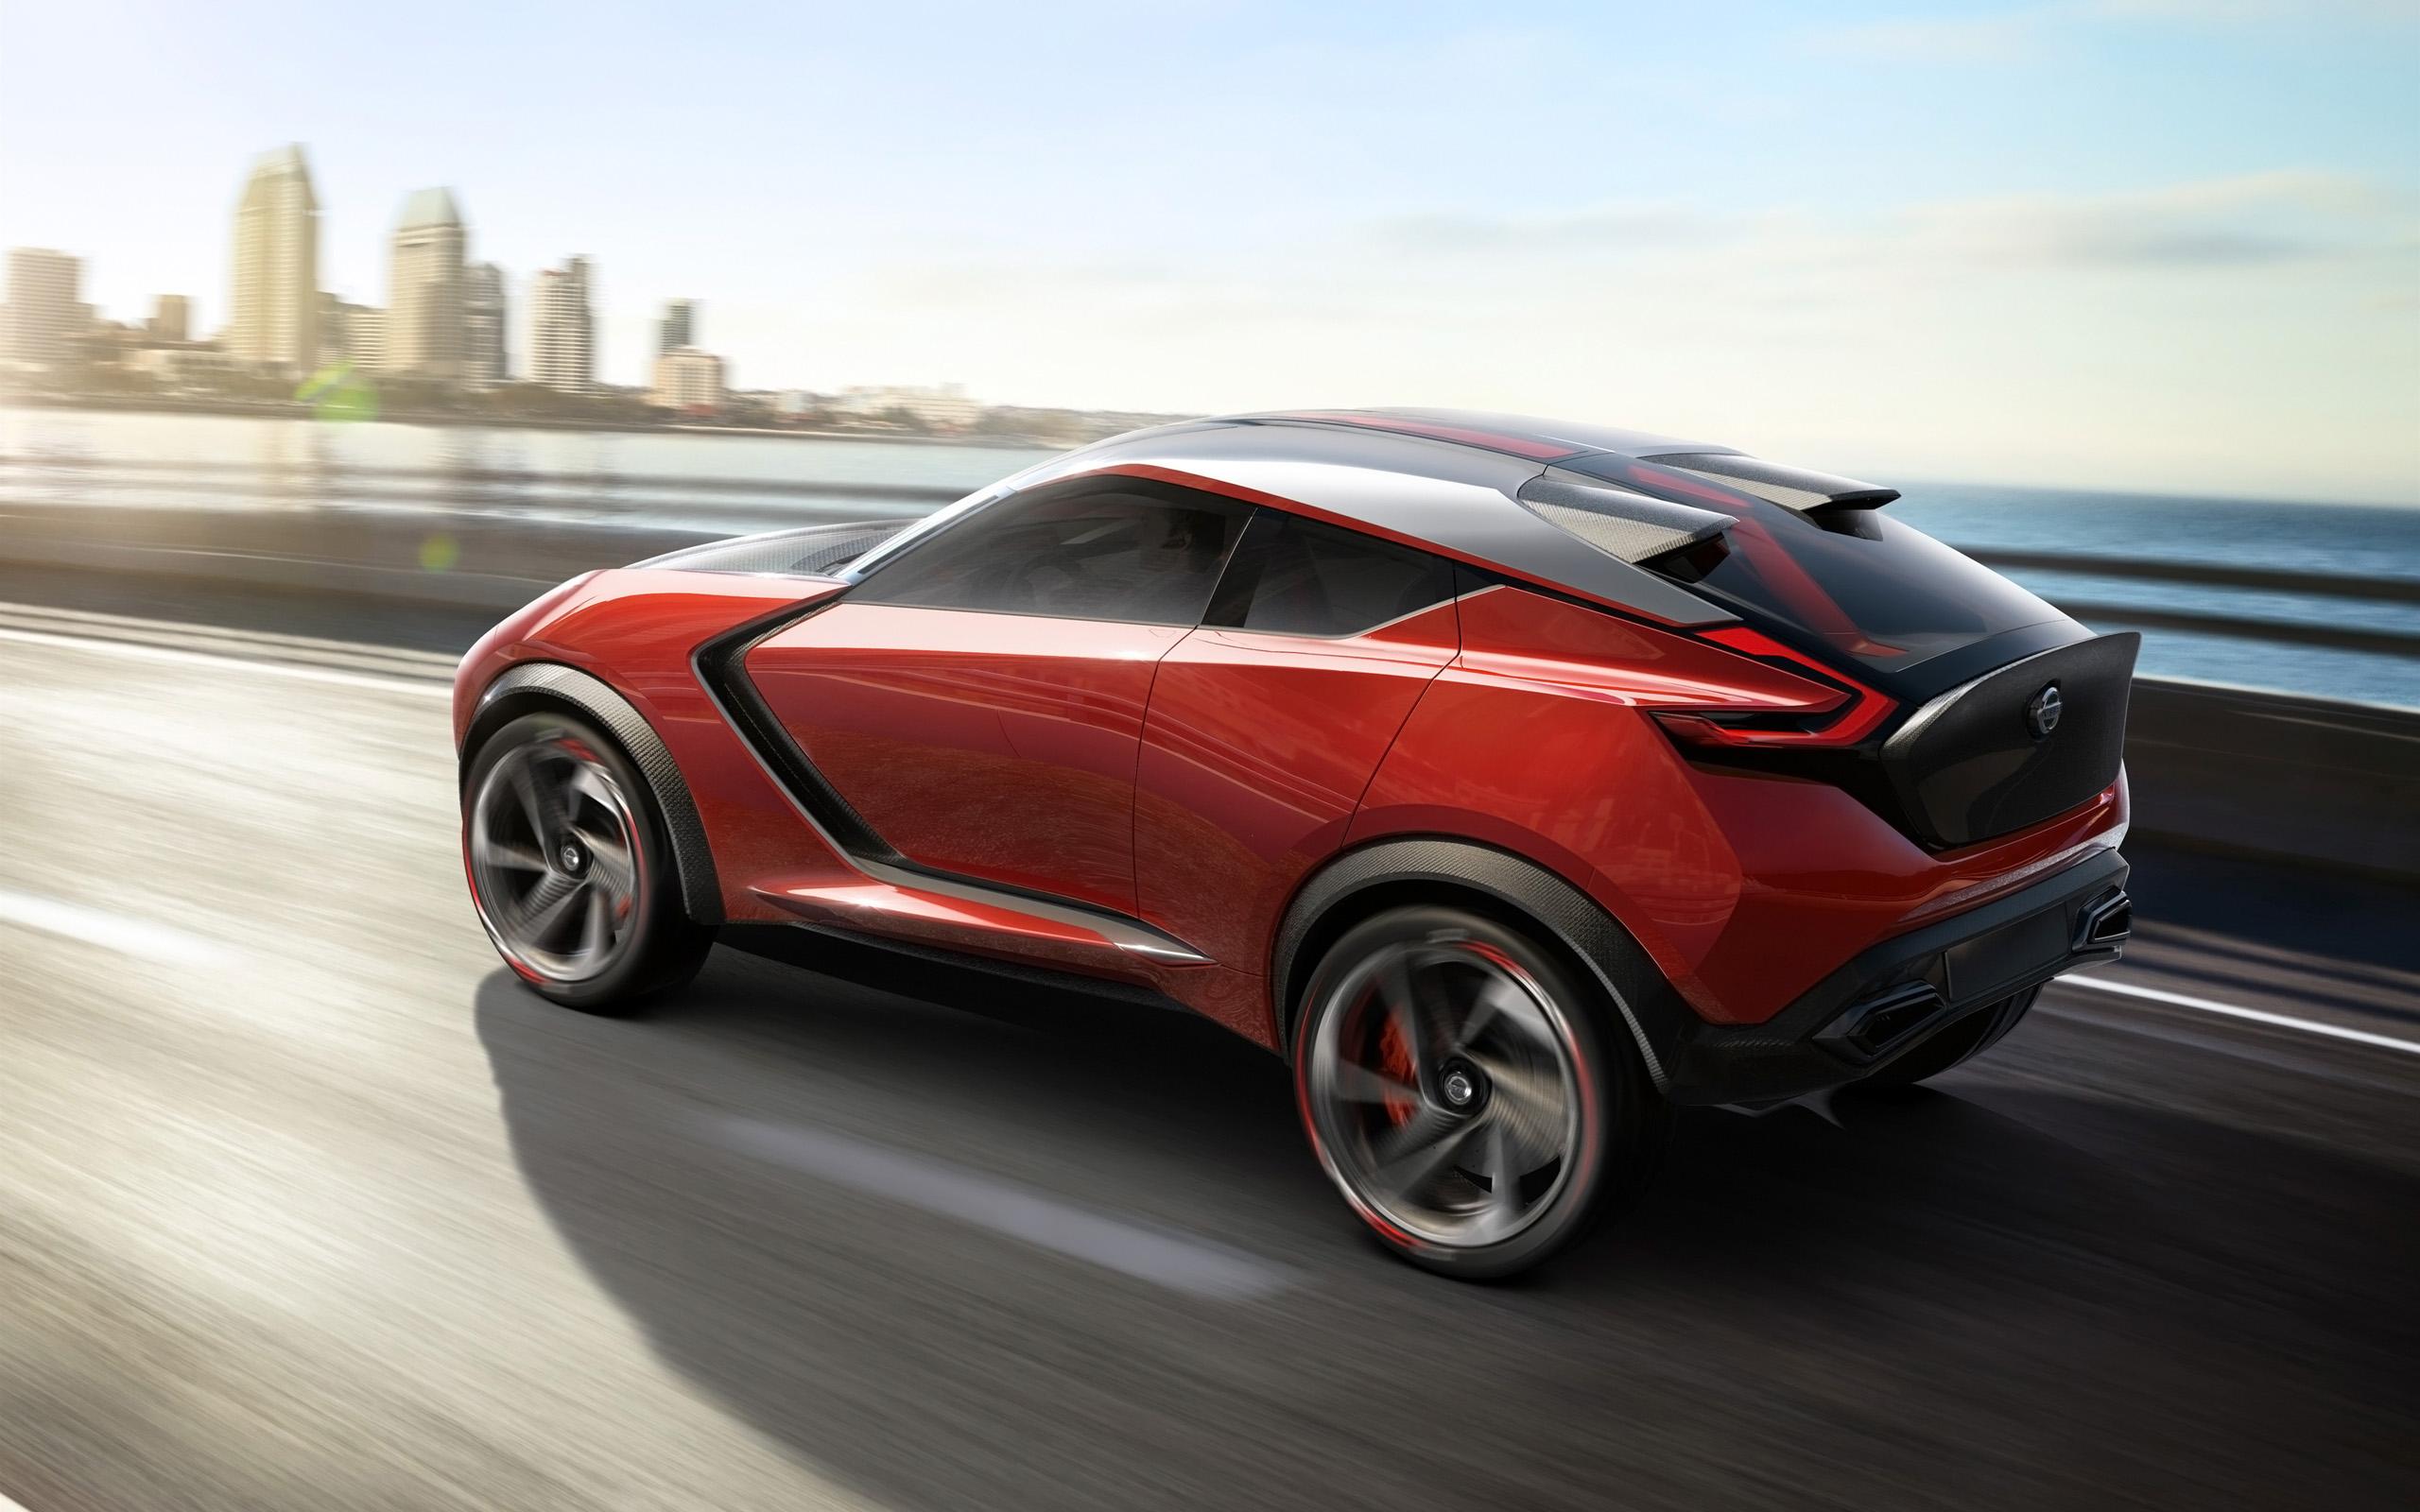 2016 Nissan Gripz Concept 2 Wallpaper | HD Car Wallpapers ...